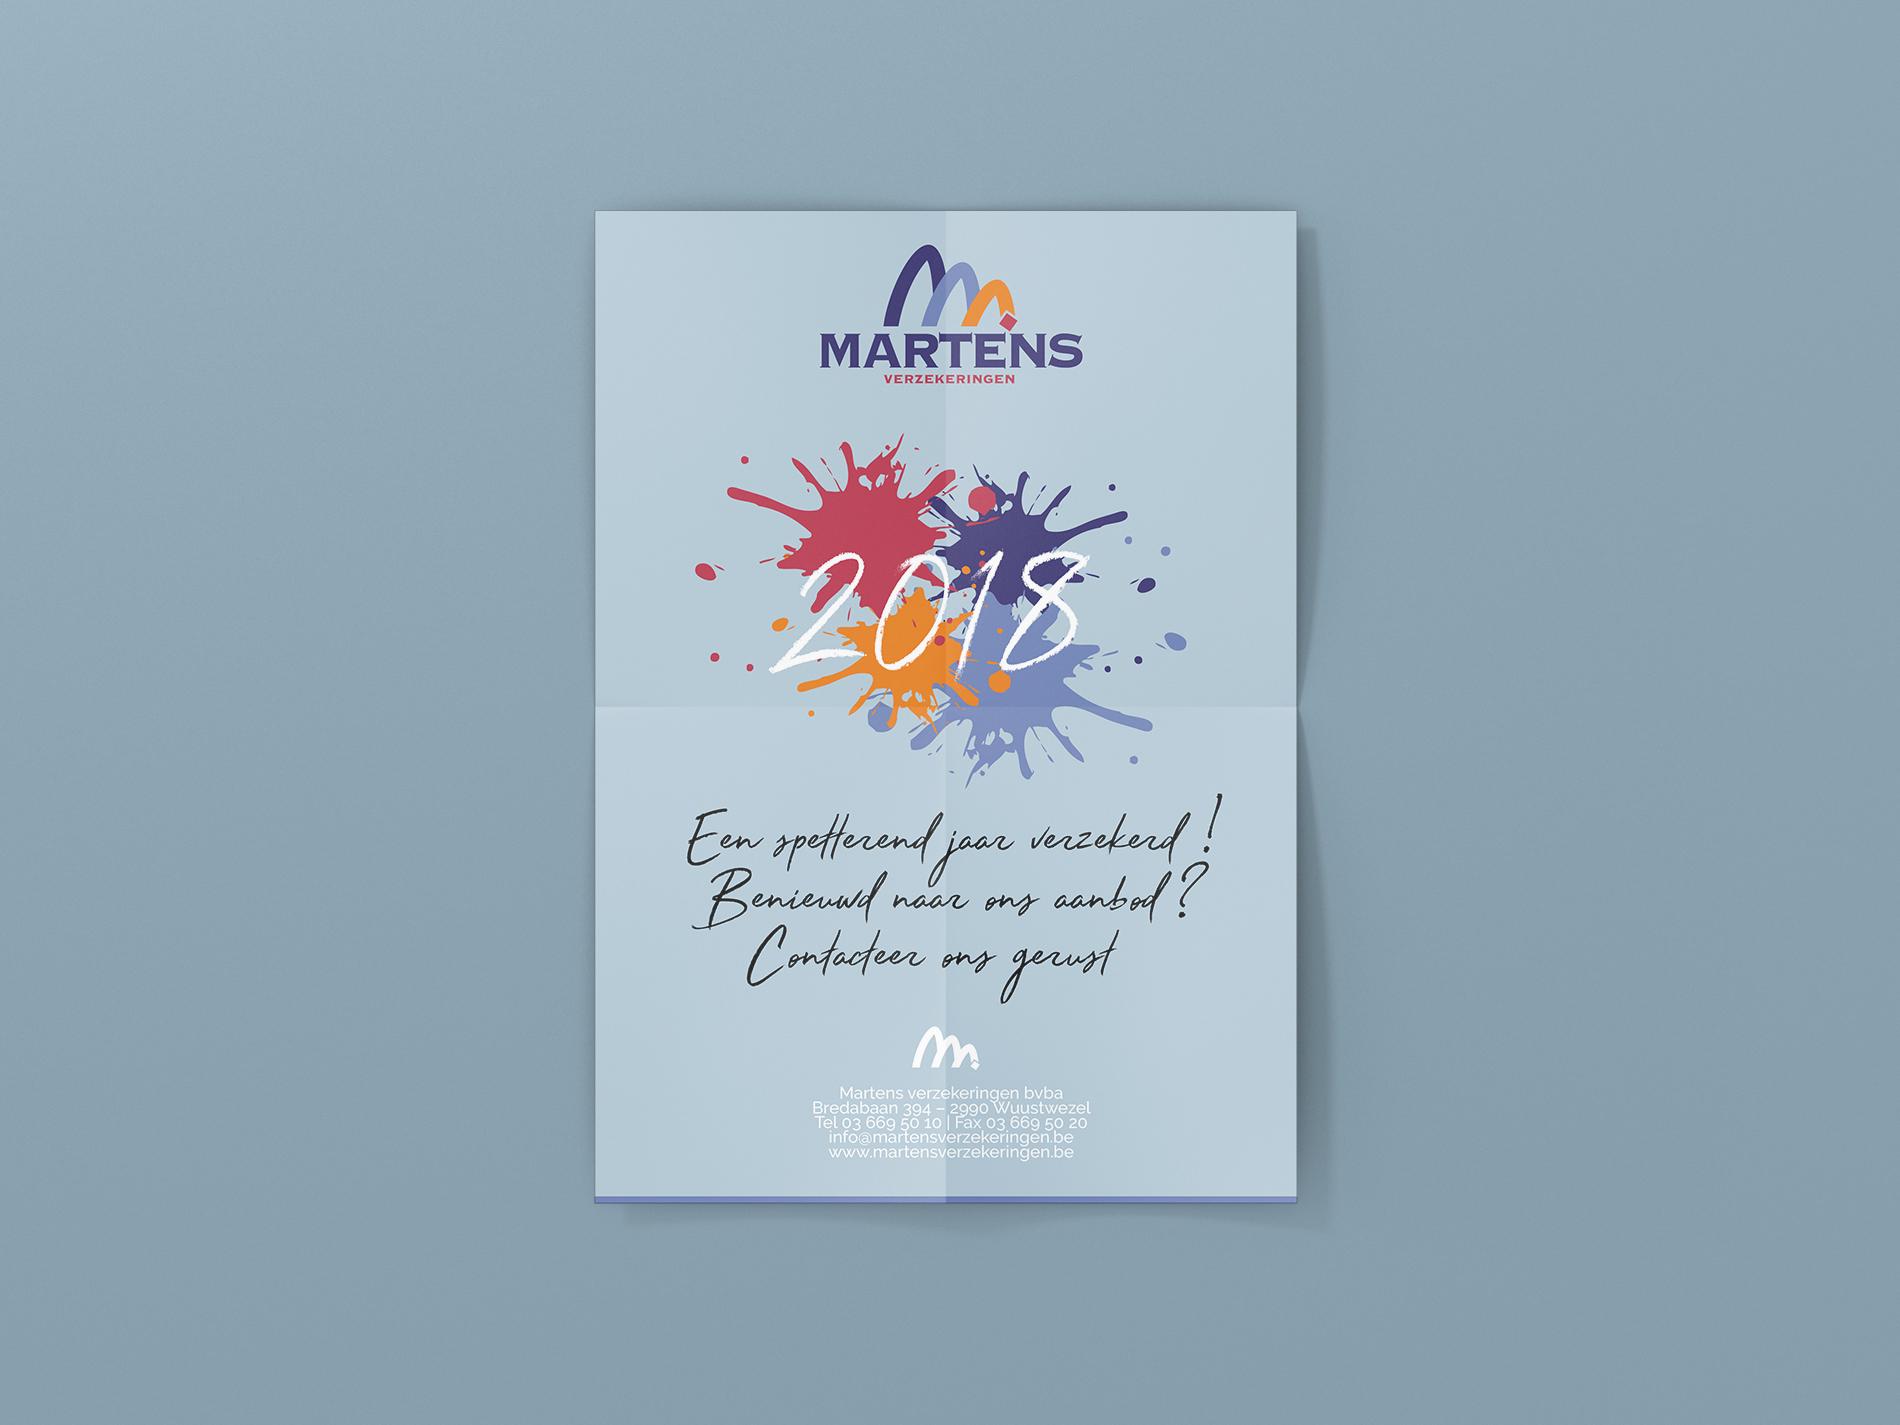 Martens verzekeringen 2018